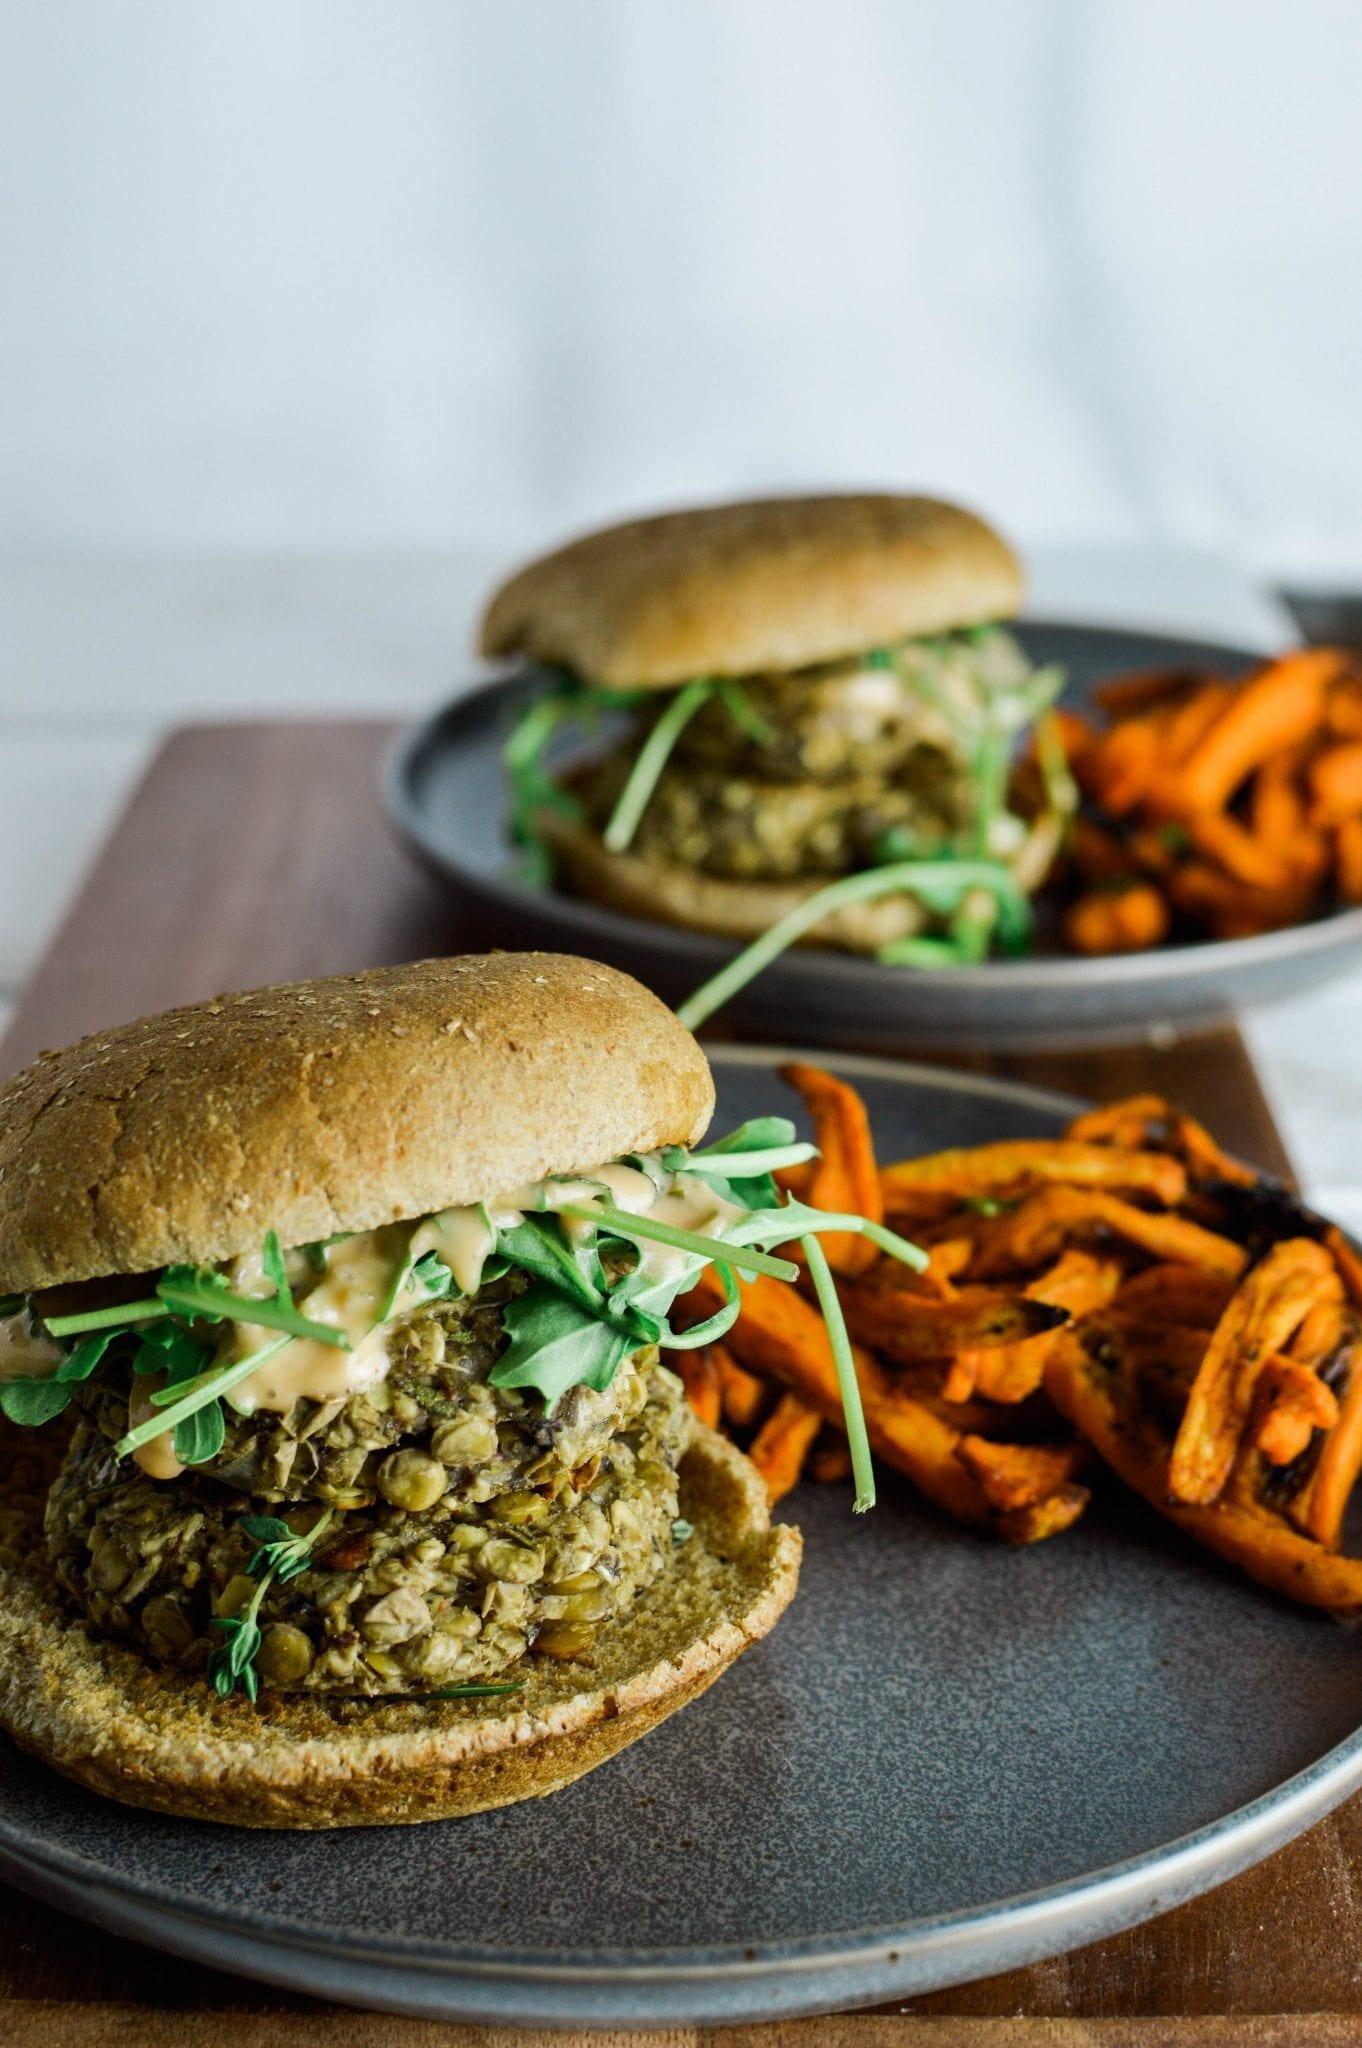 Savory Vegan Mushroom Lentil Burger